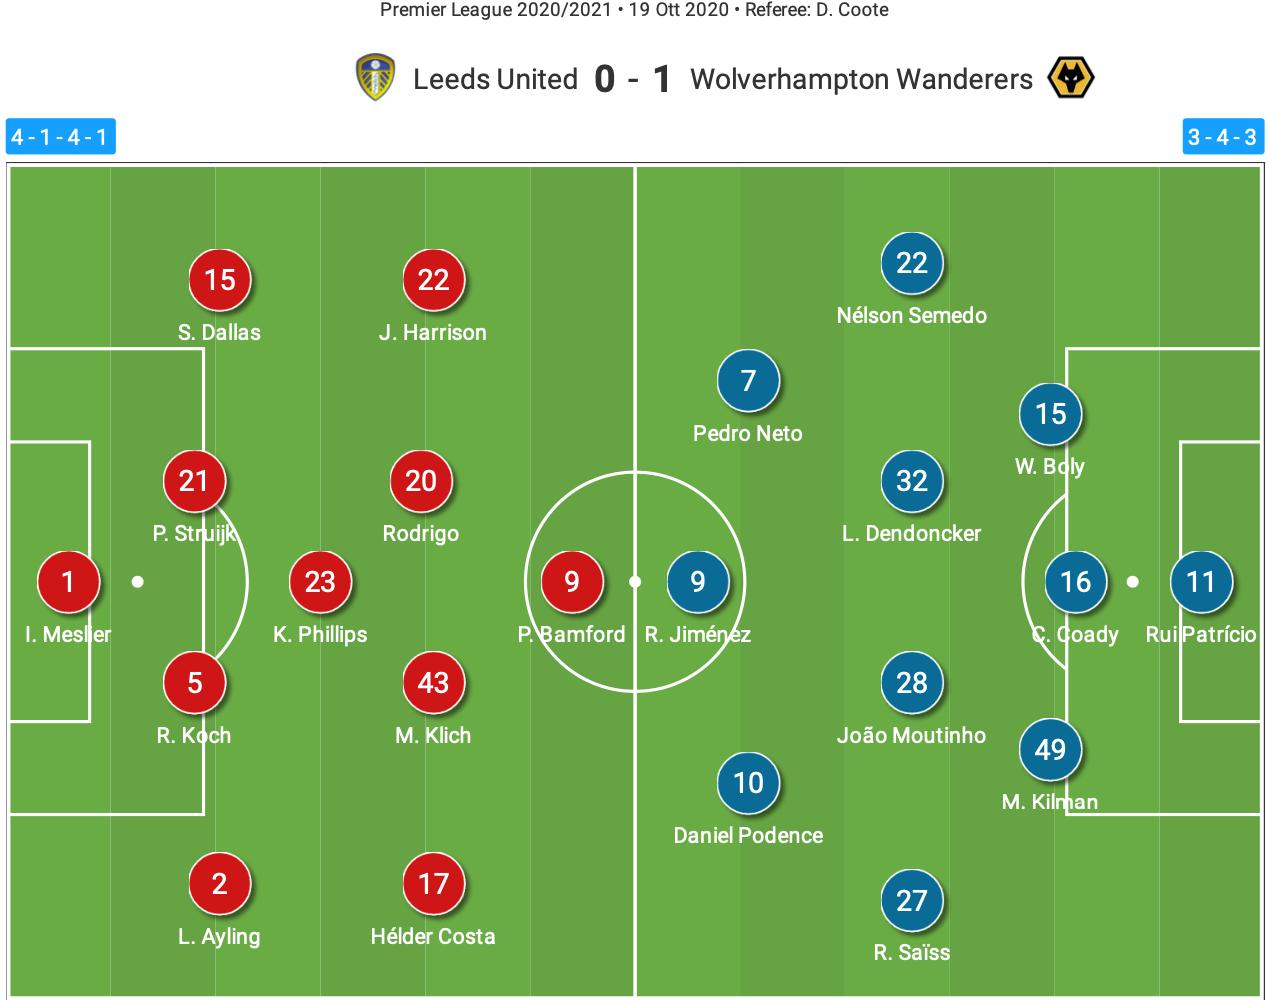 Premier League 2019/20: Leeds United vs Wolves – tactical analysis tactics